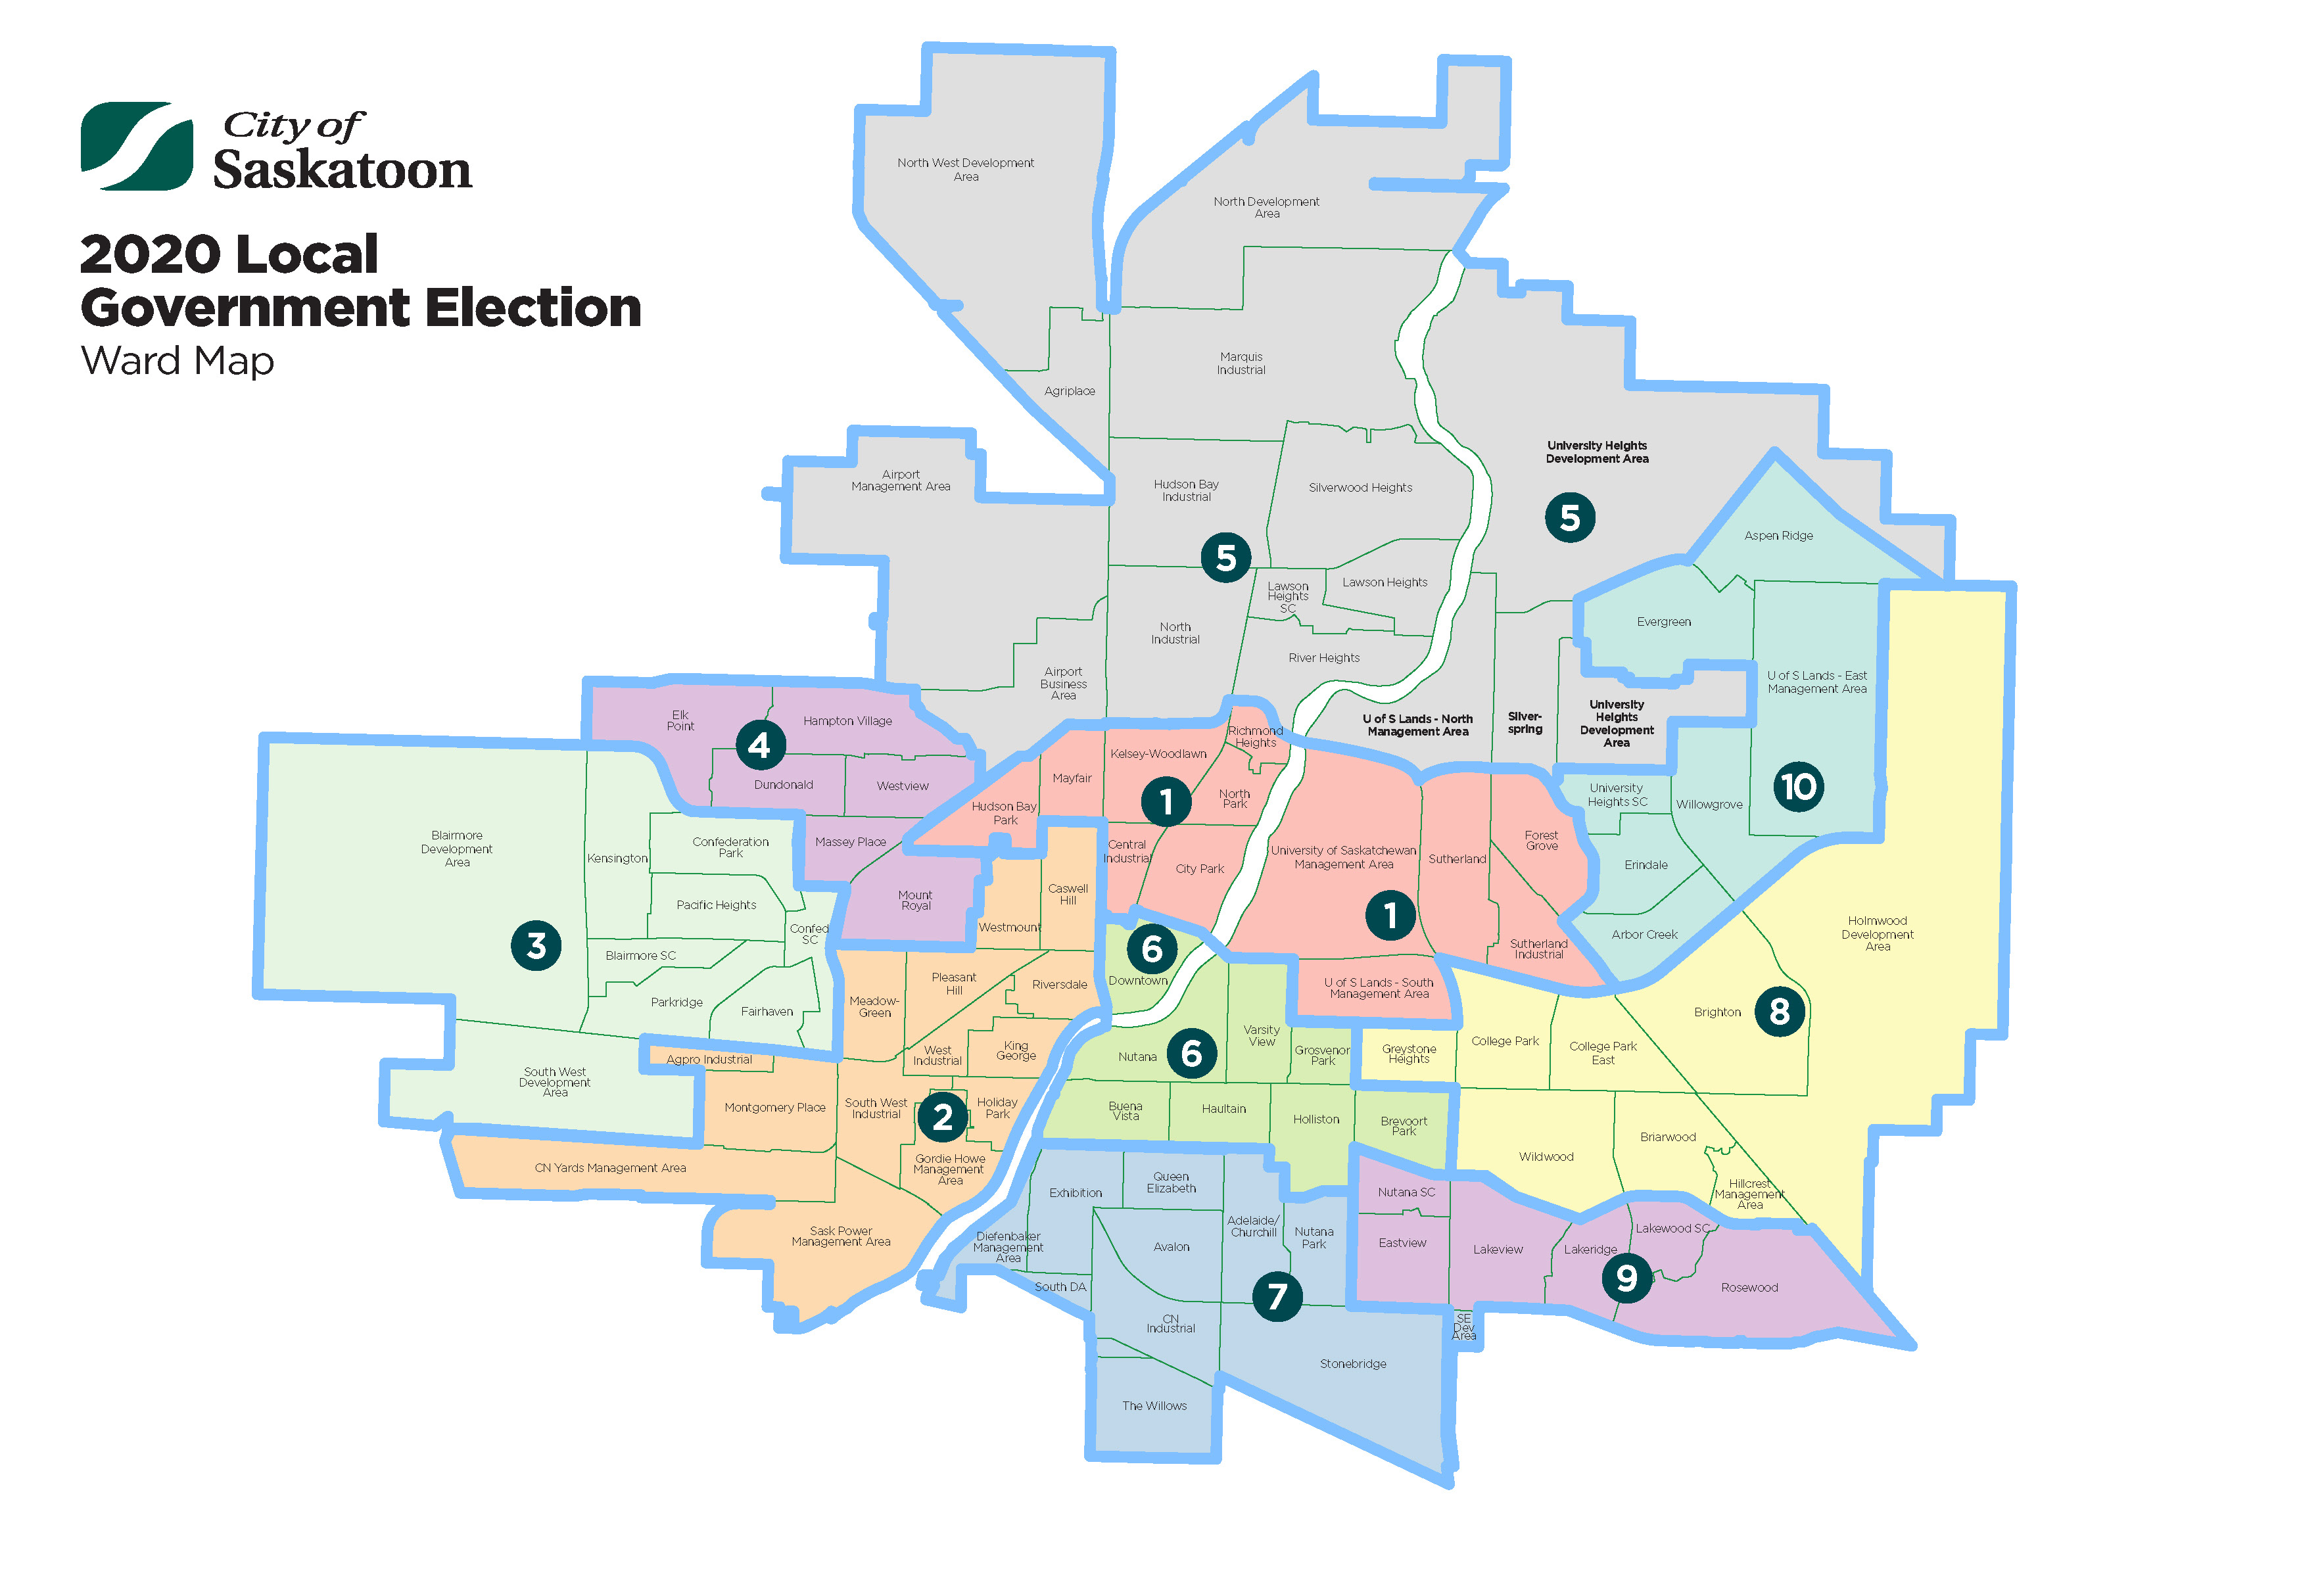 ward_boundaries_2020.jpg